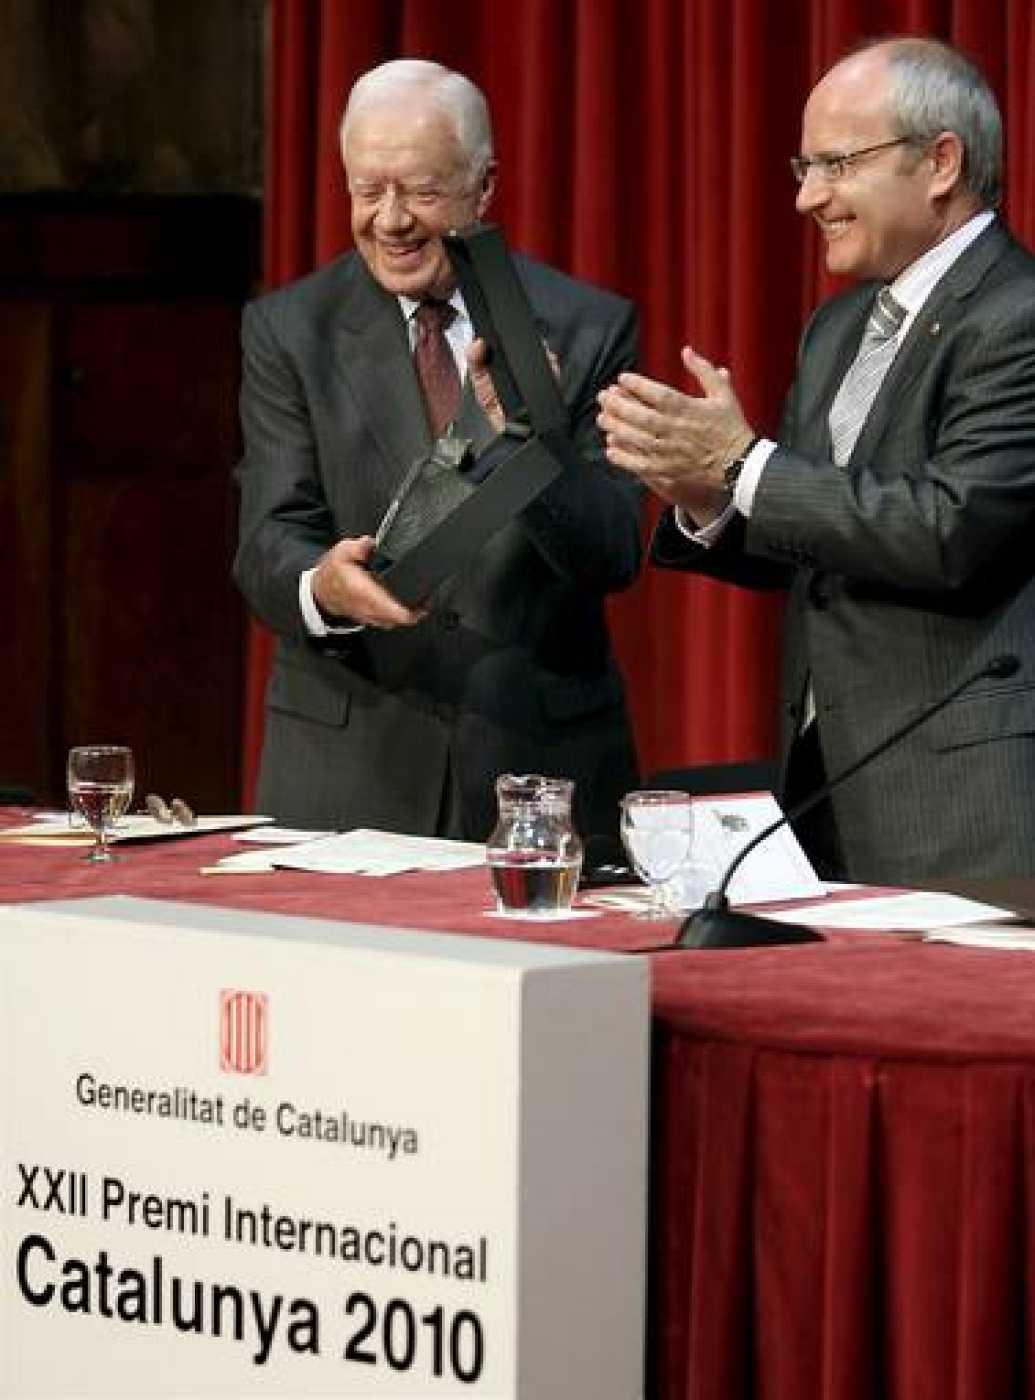 El ex presidente de EEUU Jimmy Carter tras recibir de manos del presidente de la Generalitat, José Montilla, el XXII Premio Internacional Cataluña 2010.